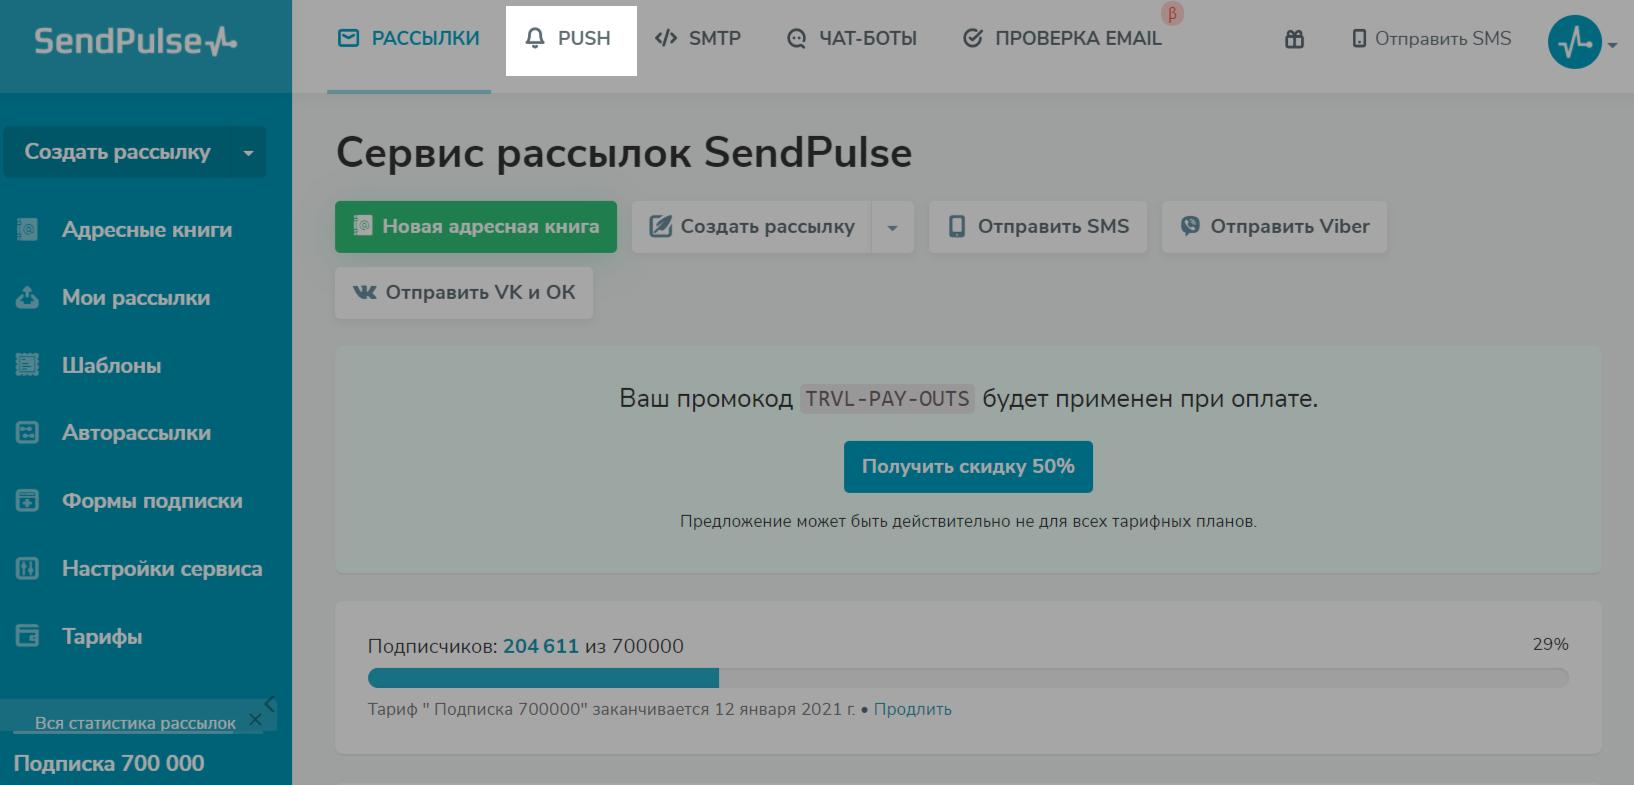 Раздел push рассылок в SendPulse